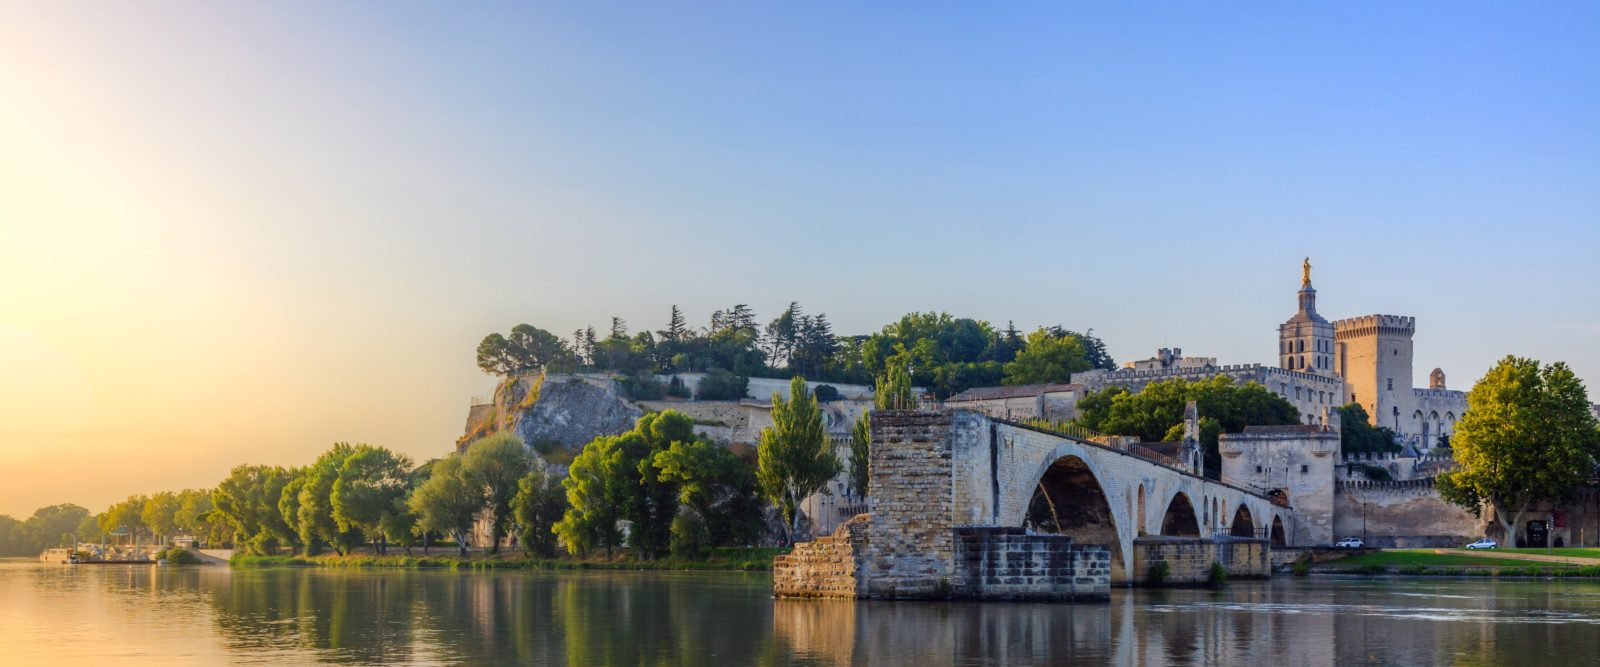 Avignon resized2